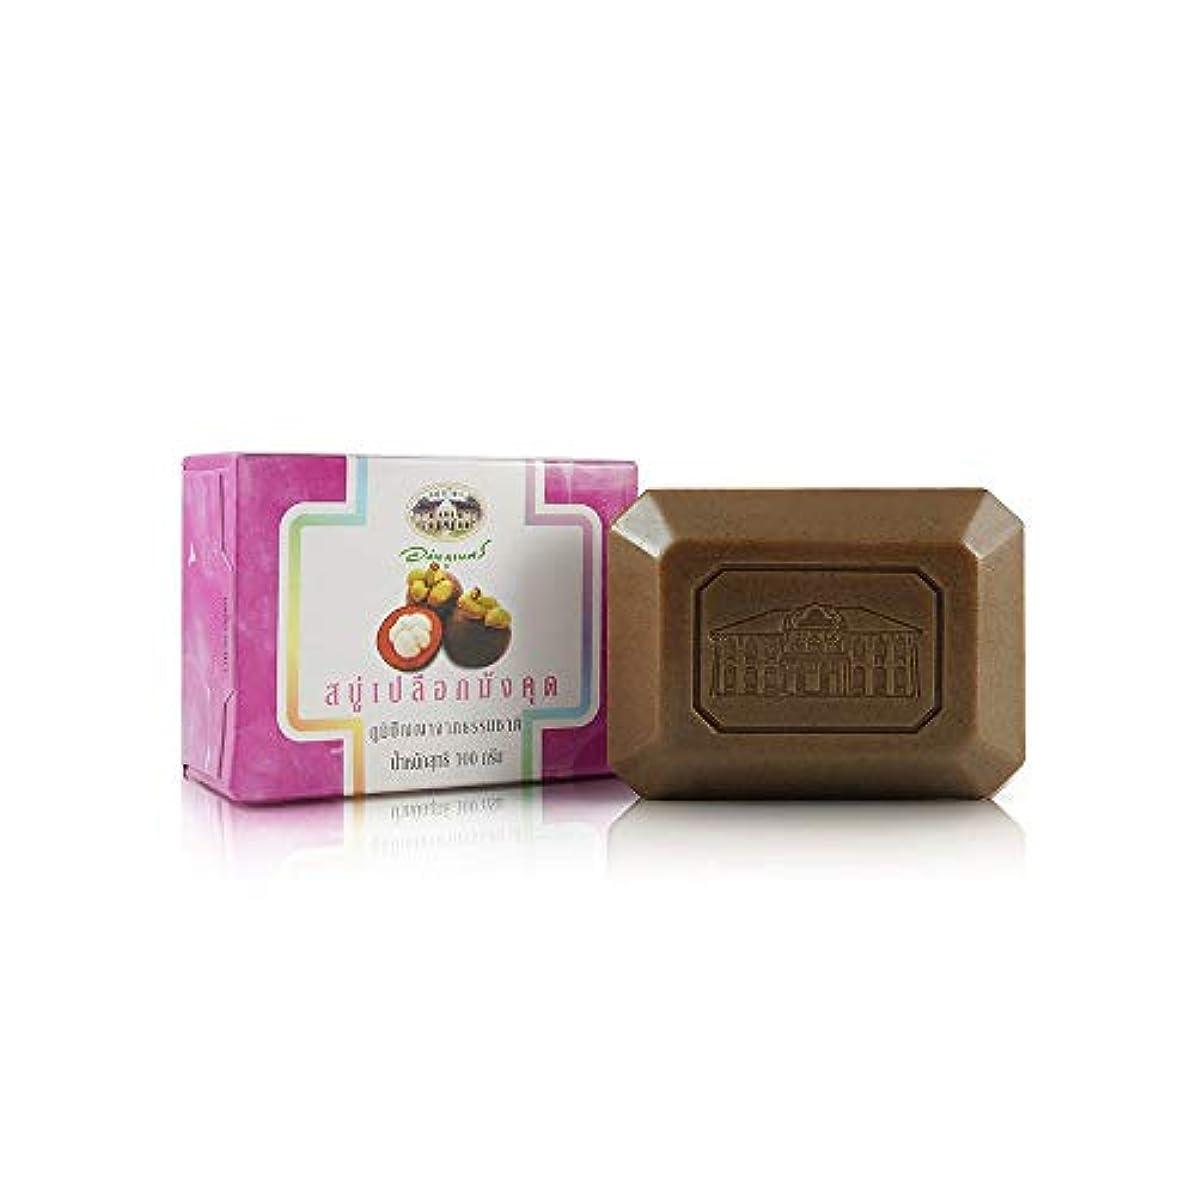 線句スクラップブックAbhaibhubejhr Mangosteen Peel Skin Herbal Body Cleansing Soap 100g. Abhaibhubejhrマンゴスチンピールスキンハーブボディクレンジングソープ100...